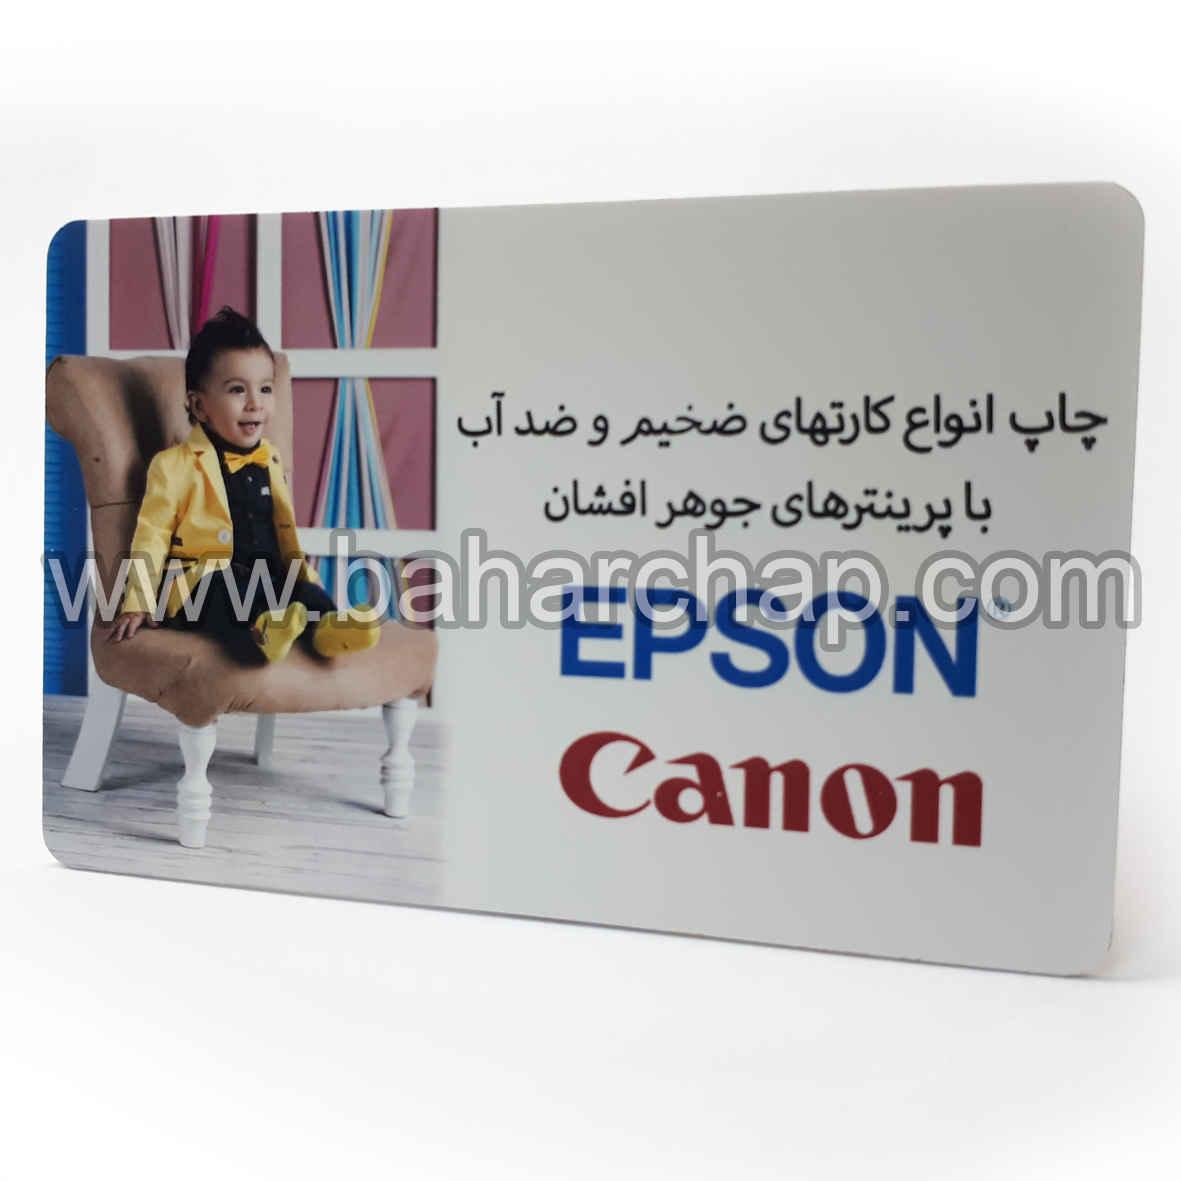 فروشگاه و خدمات اینترنتی بهارچاپ اصفهان-کارت خام PVC جوهر افشان (مات)-PVC card Matte for inkjet epson and canon printer